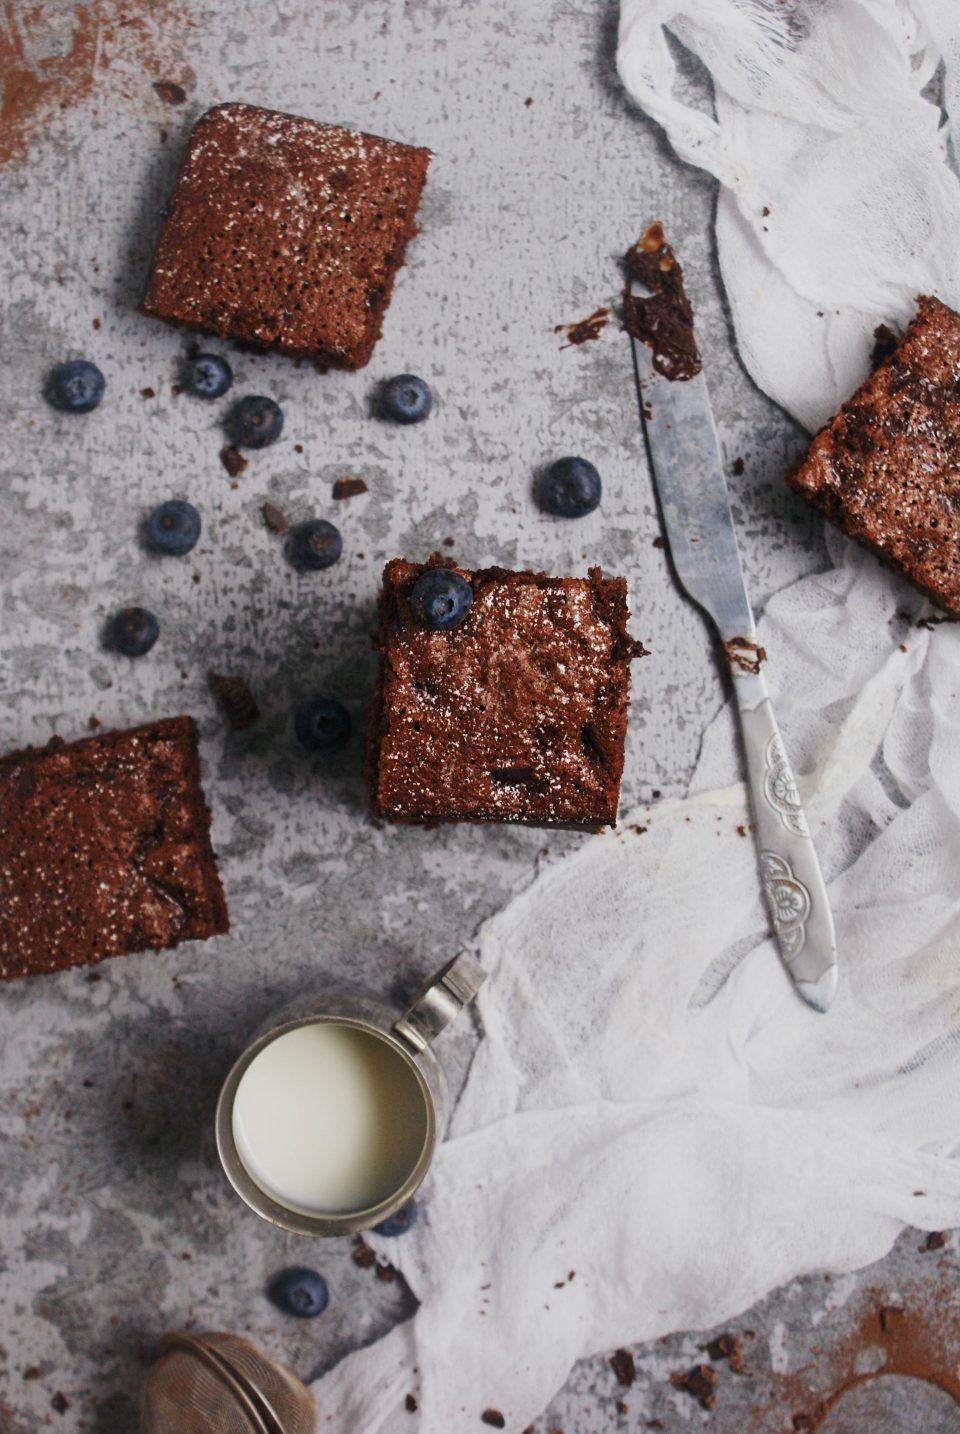 Torta al cioccolato senza glutine con farina di riso e scaglie di cioccolato fondente decorata con zucchero a velo